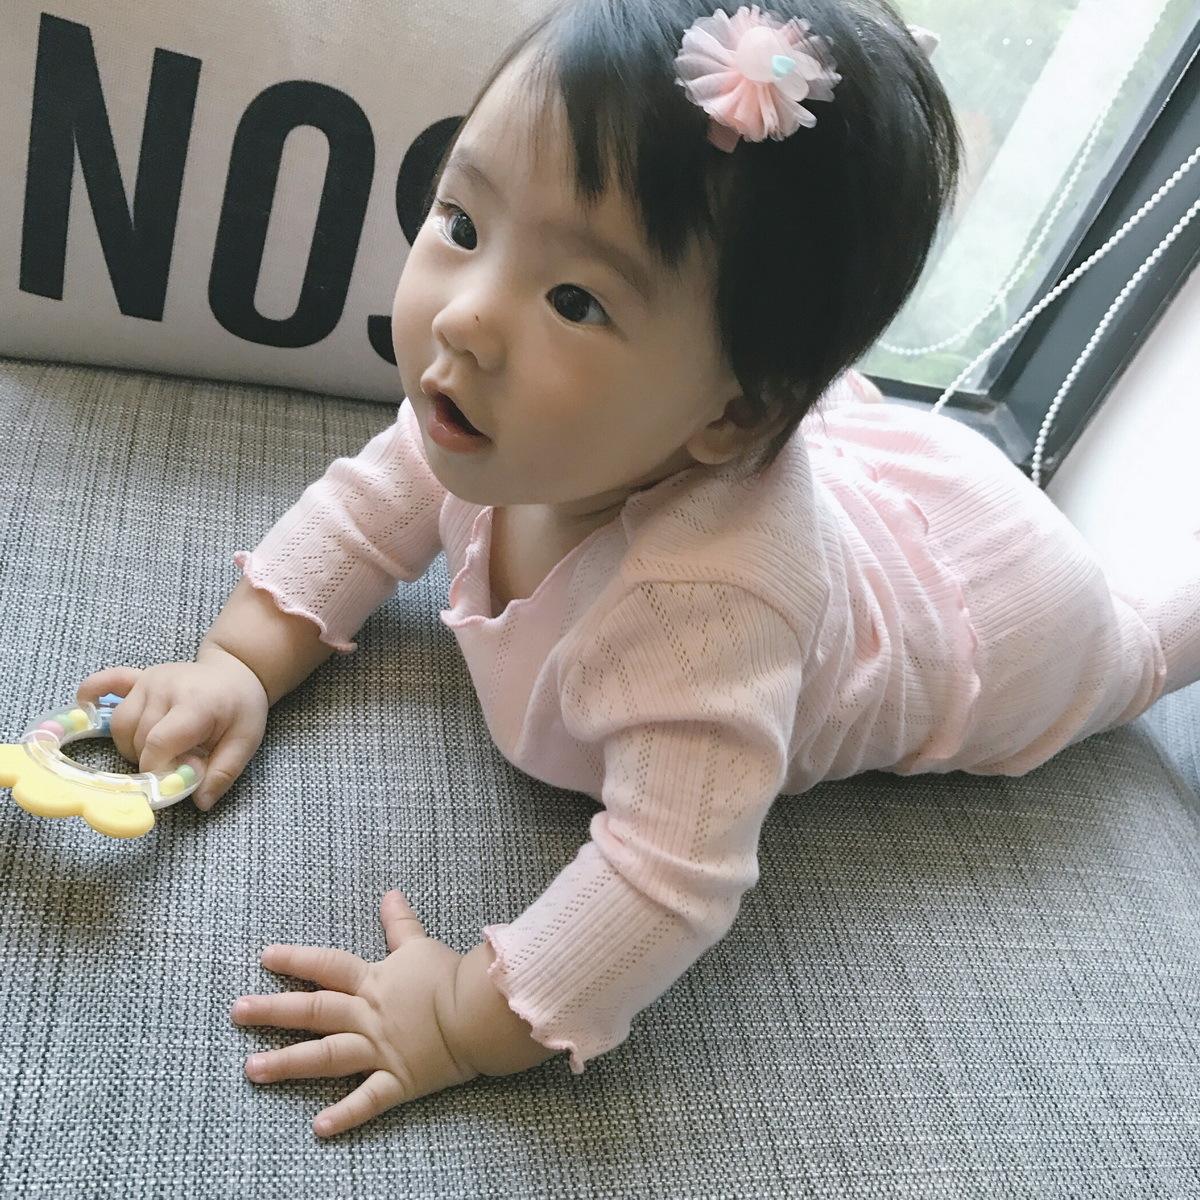 秋冬新款会呼吸的家居服男女宝宝纯棉内衣裤套装儿童舒适幼儿睡衣